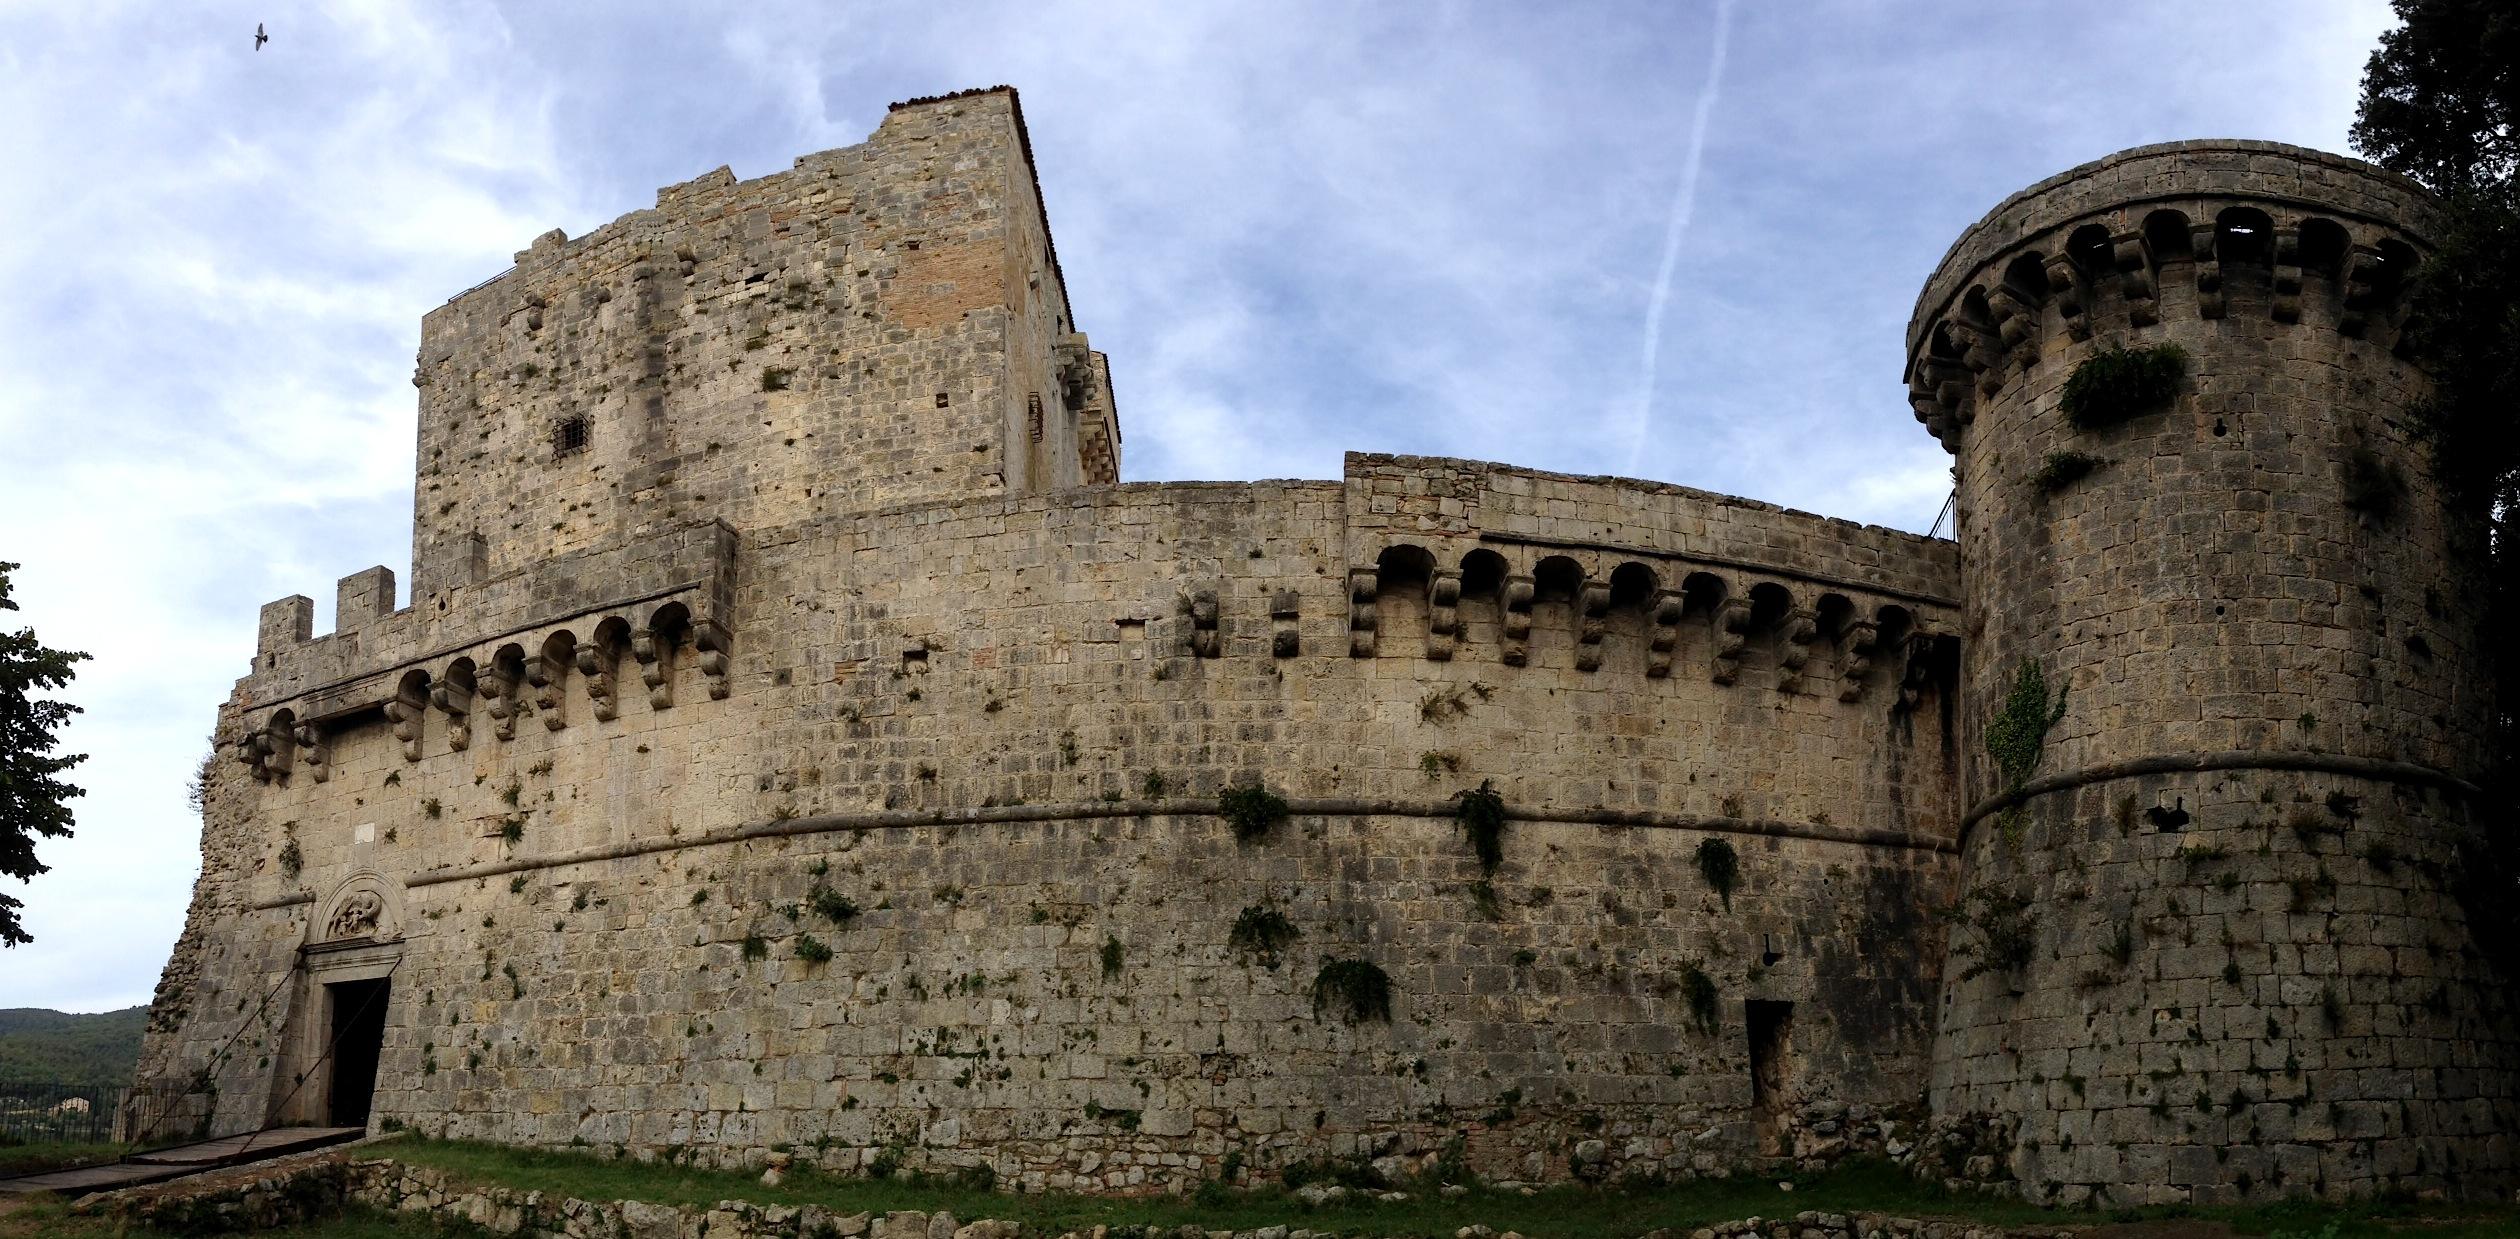 Sarteano, Tuscany